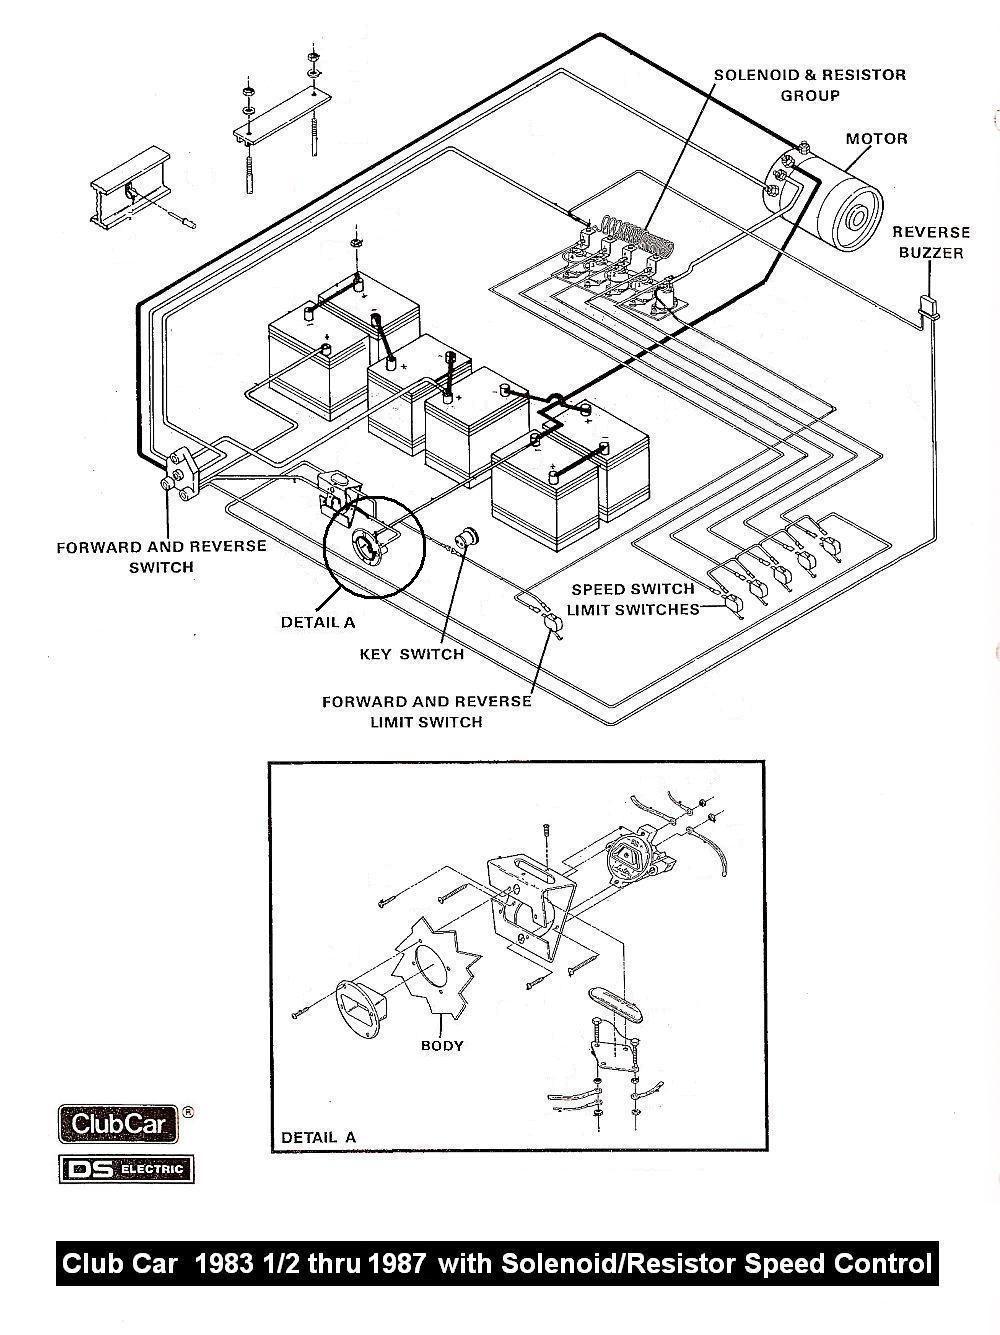 ez go txt 36 volt wiring diagram th400 kickdown vintagegolfcartparts.com - | *freezer & crock pot* pinterest golf carts and cars